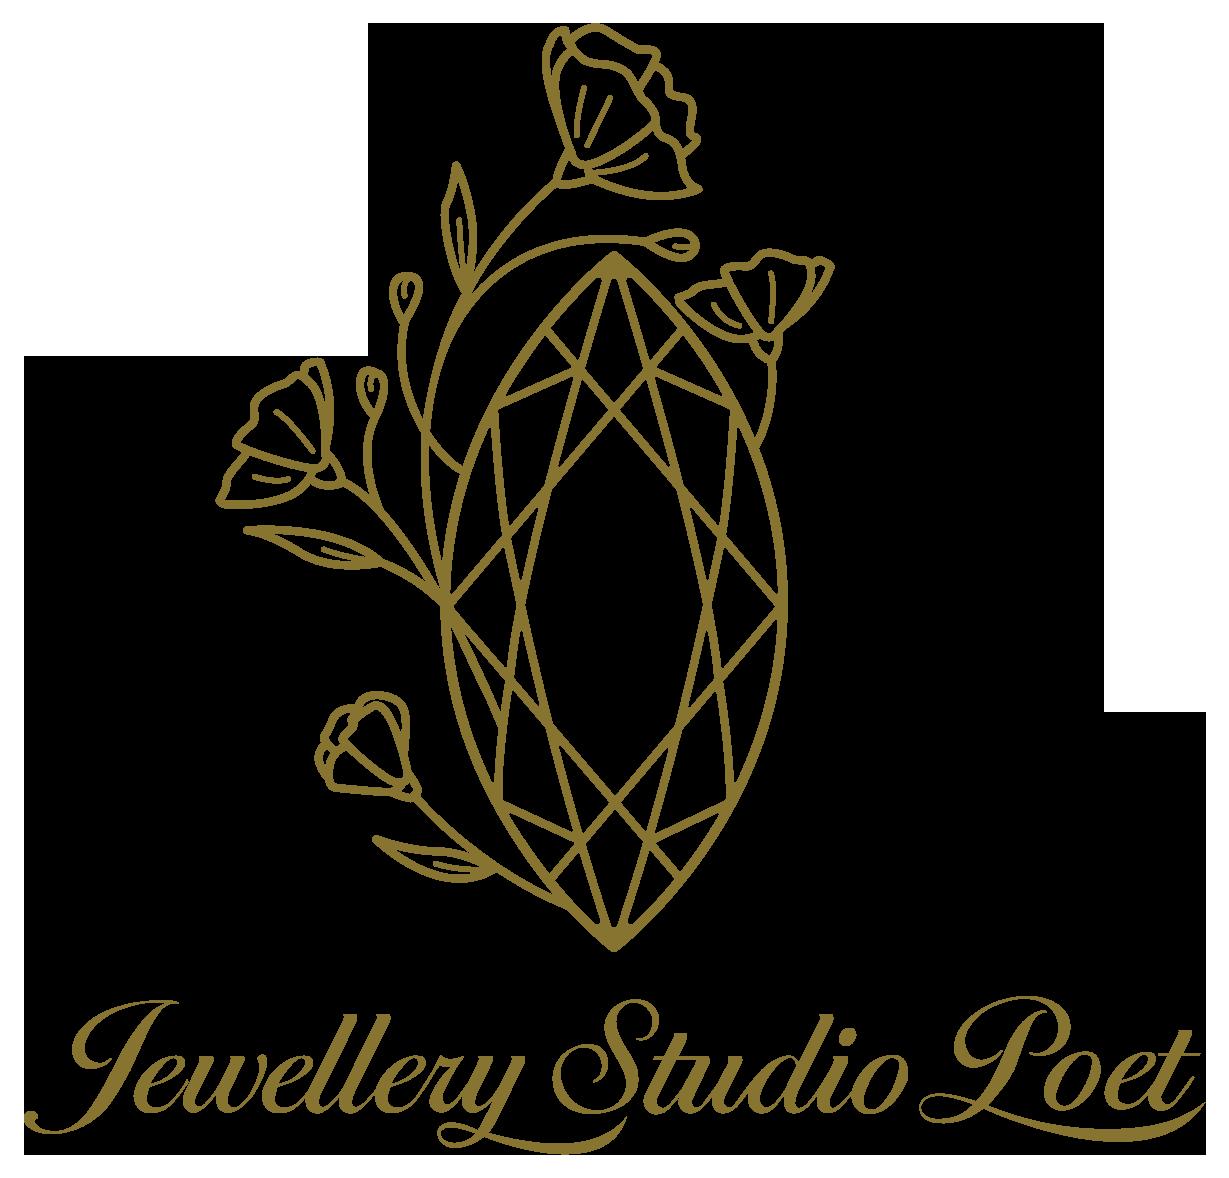 製造/メーカーと高級感/気品と金のロゴ